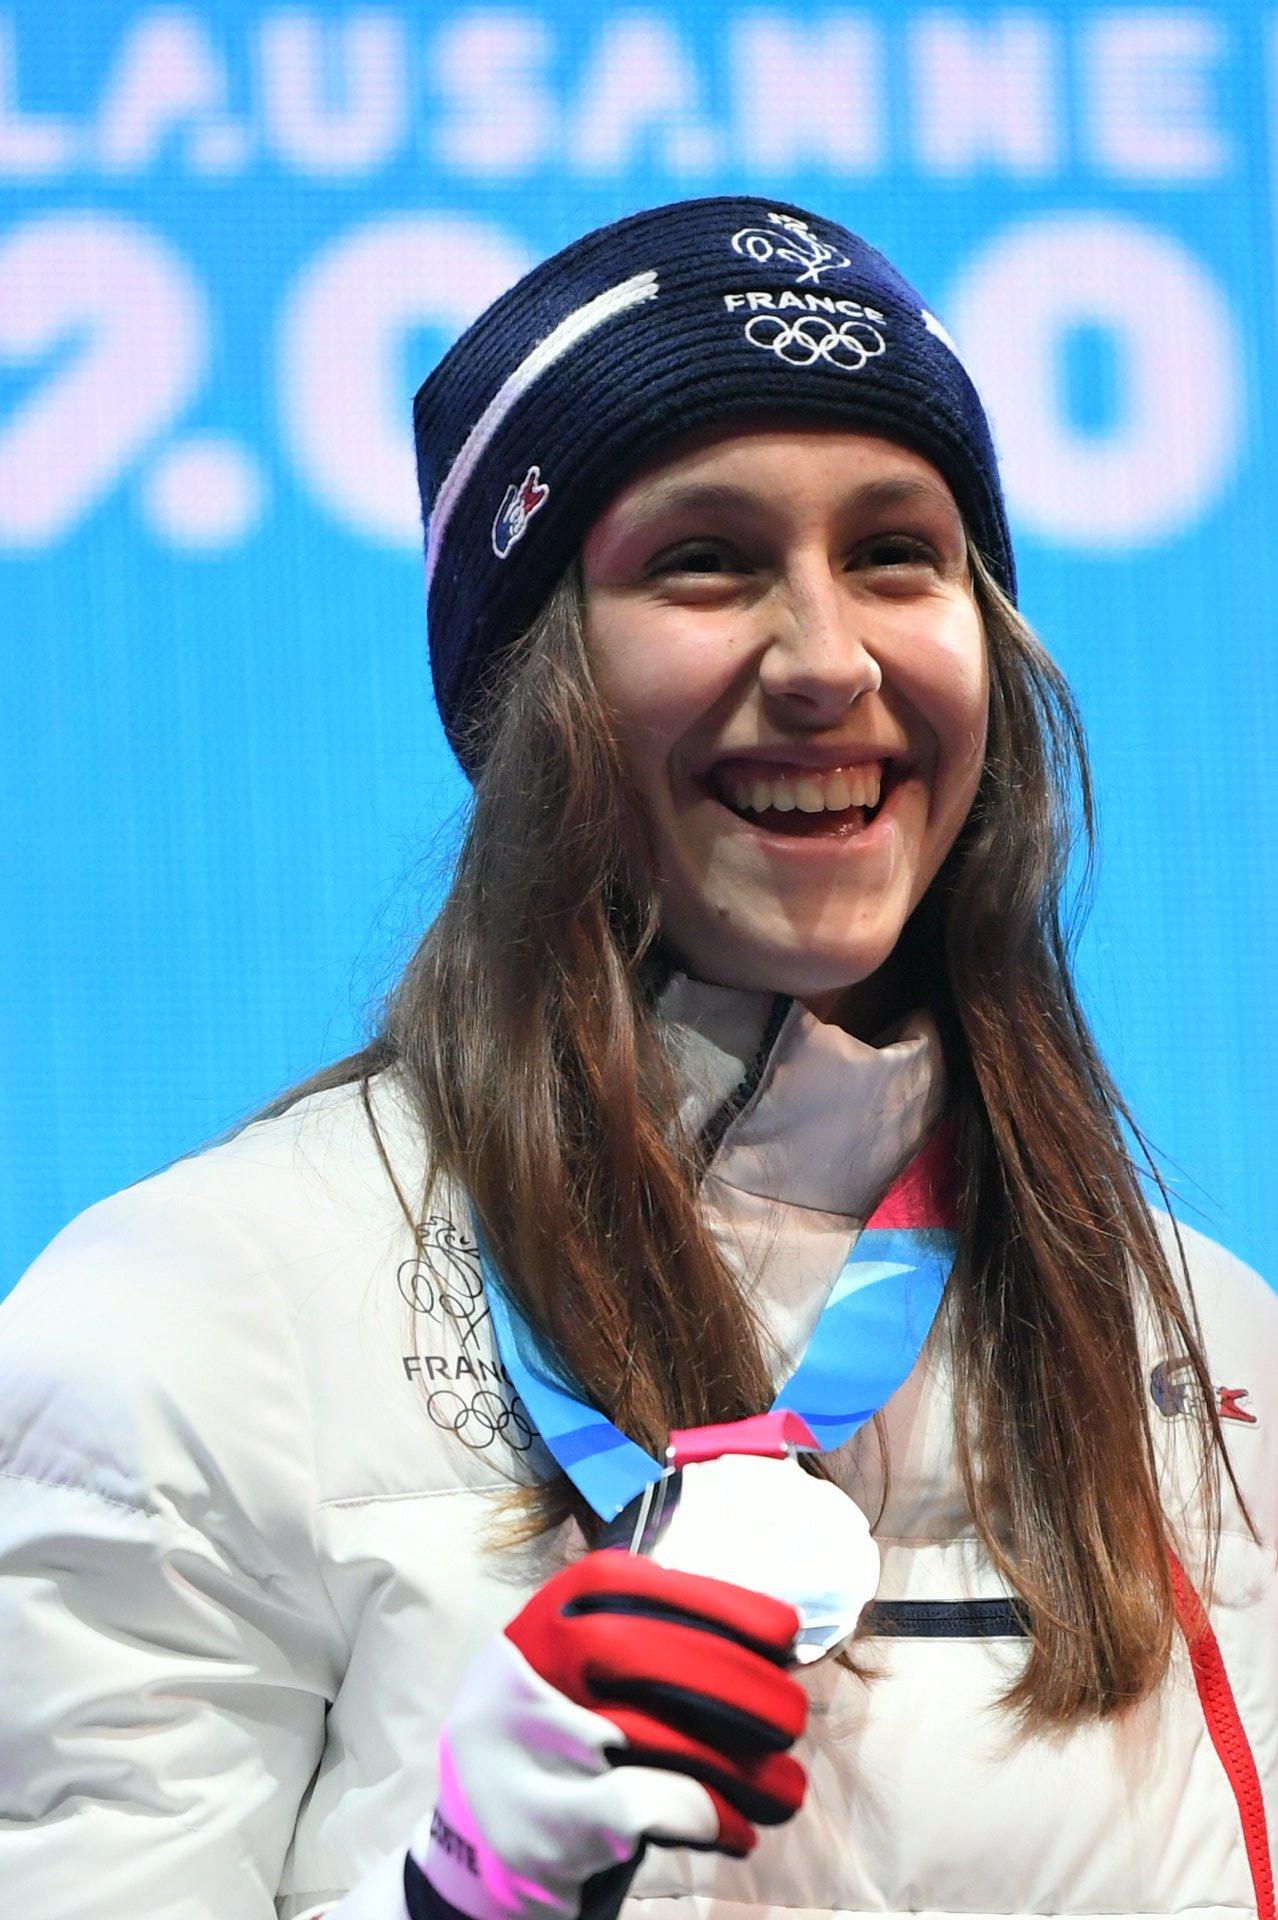 Foto - Caitlin McFarlane - Silbermedaille Lausanne 2020